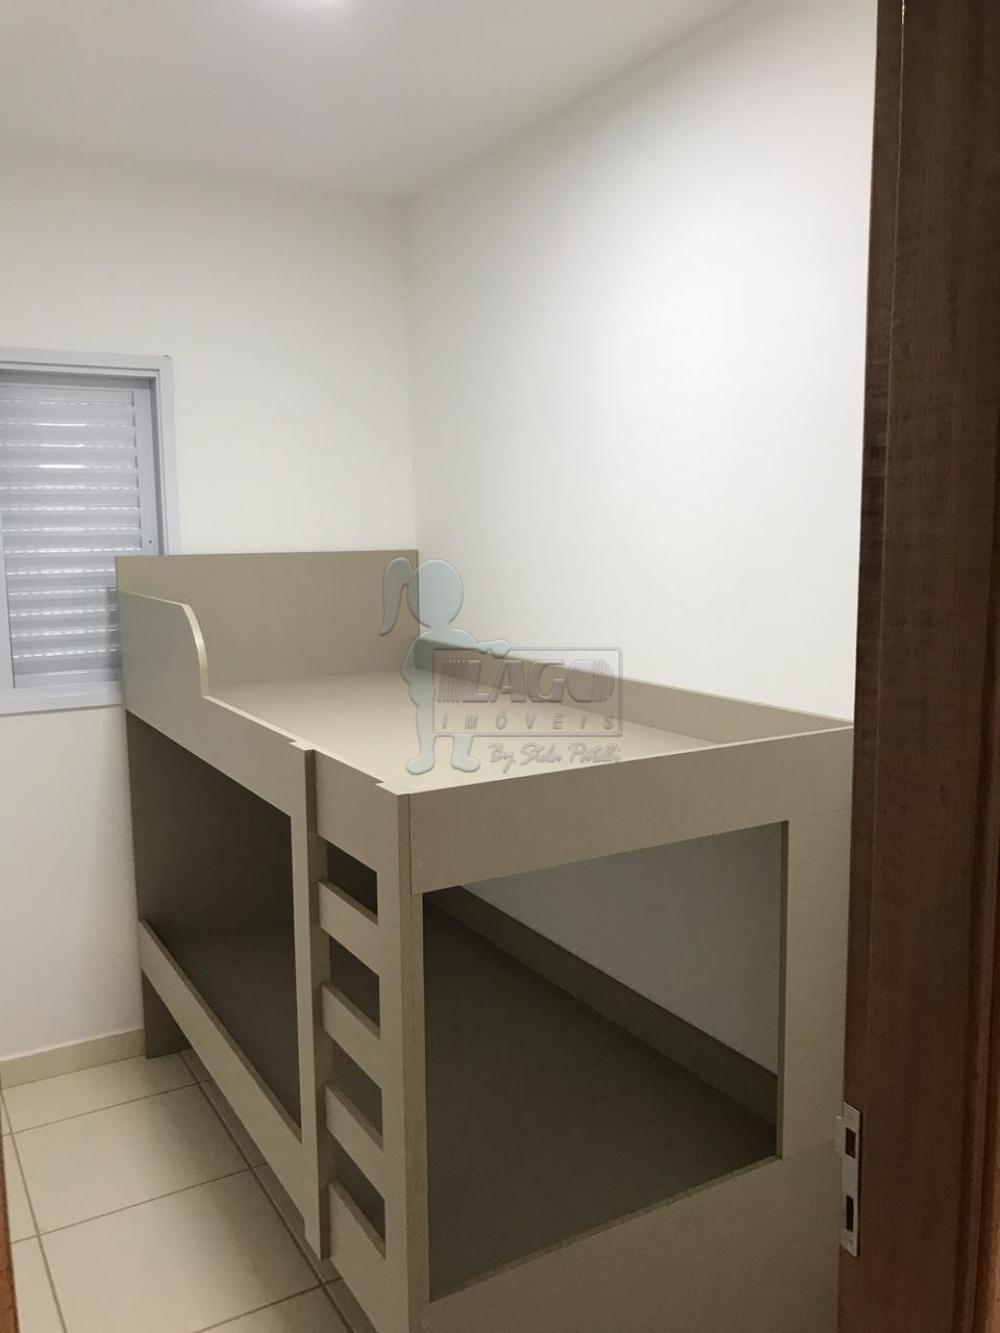 Comprar Apartamento / Padrão em Ribeirão Preto apenas R$ 190.000,00 - Foto 16